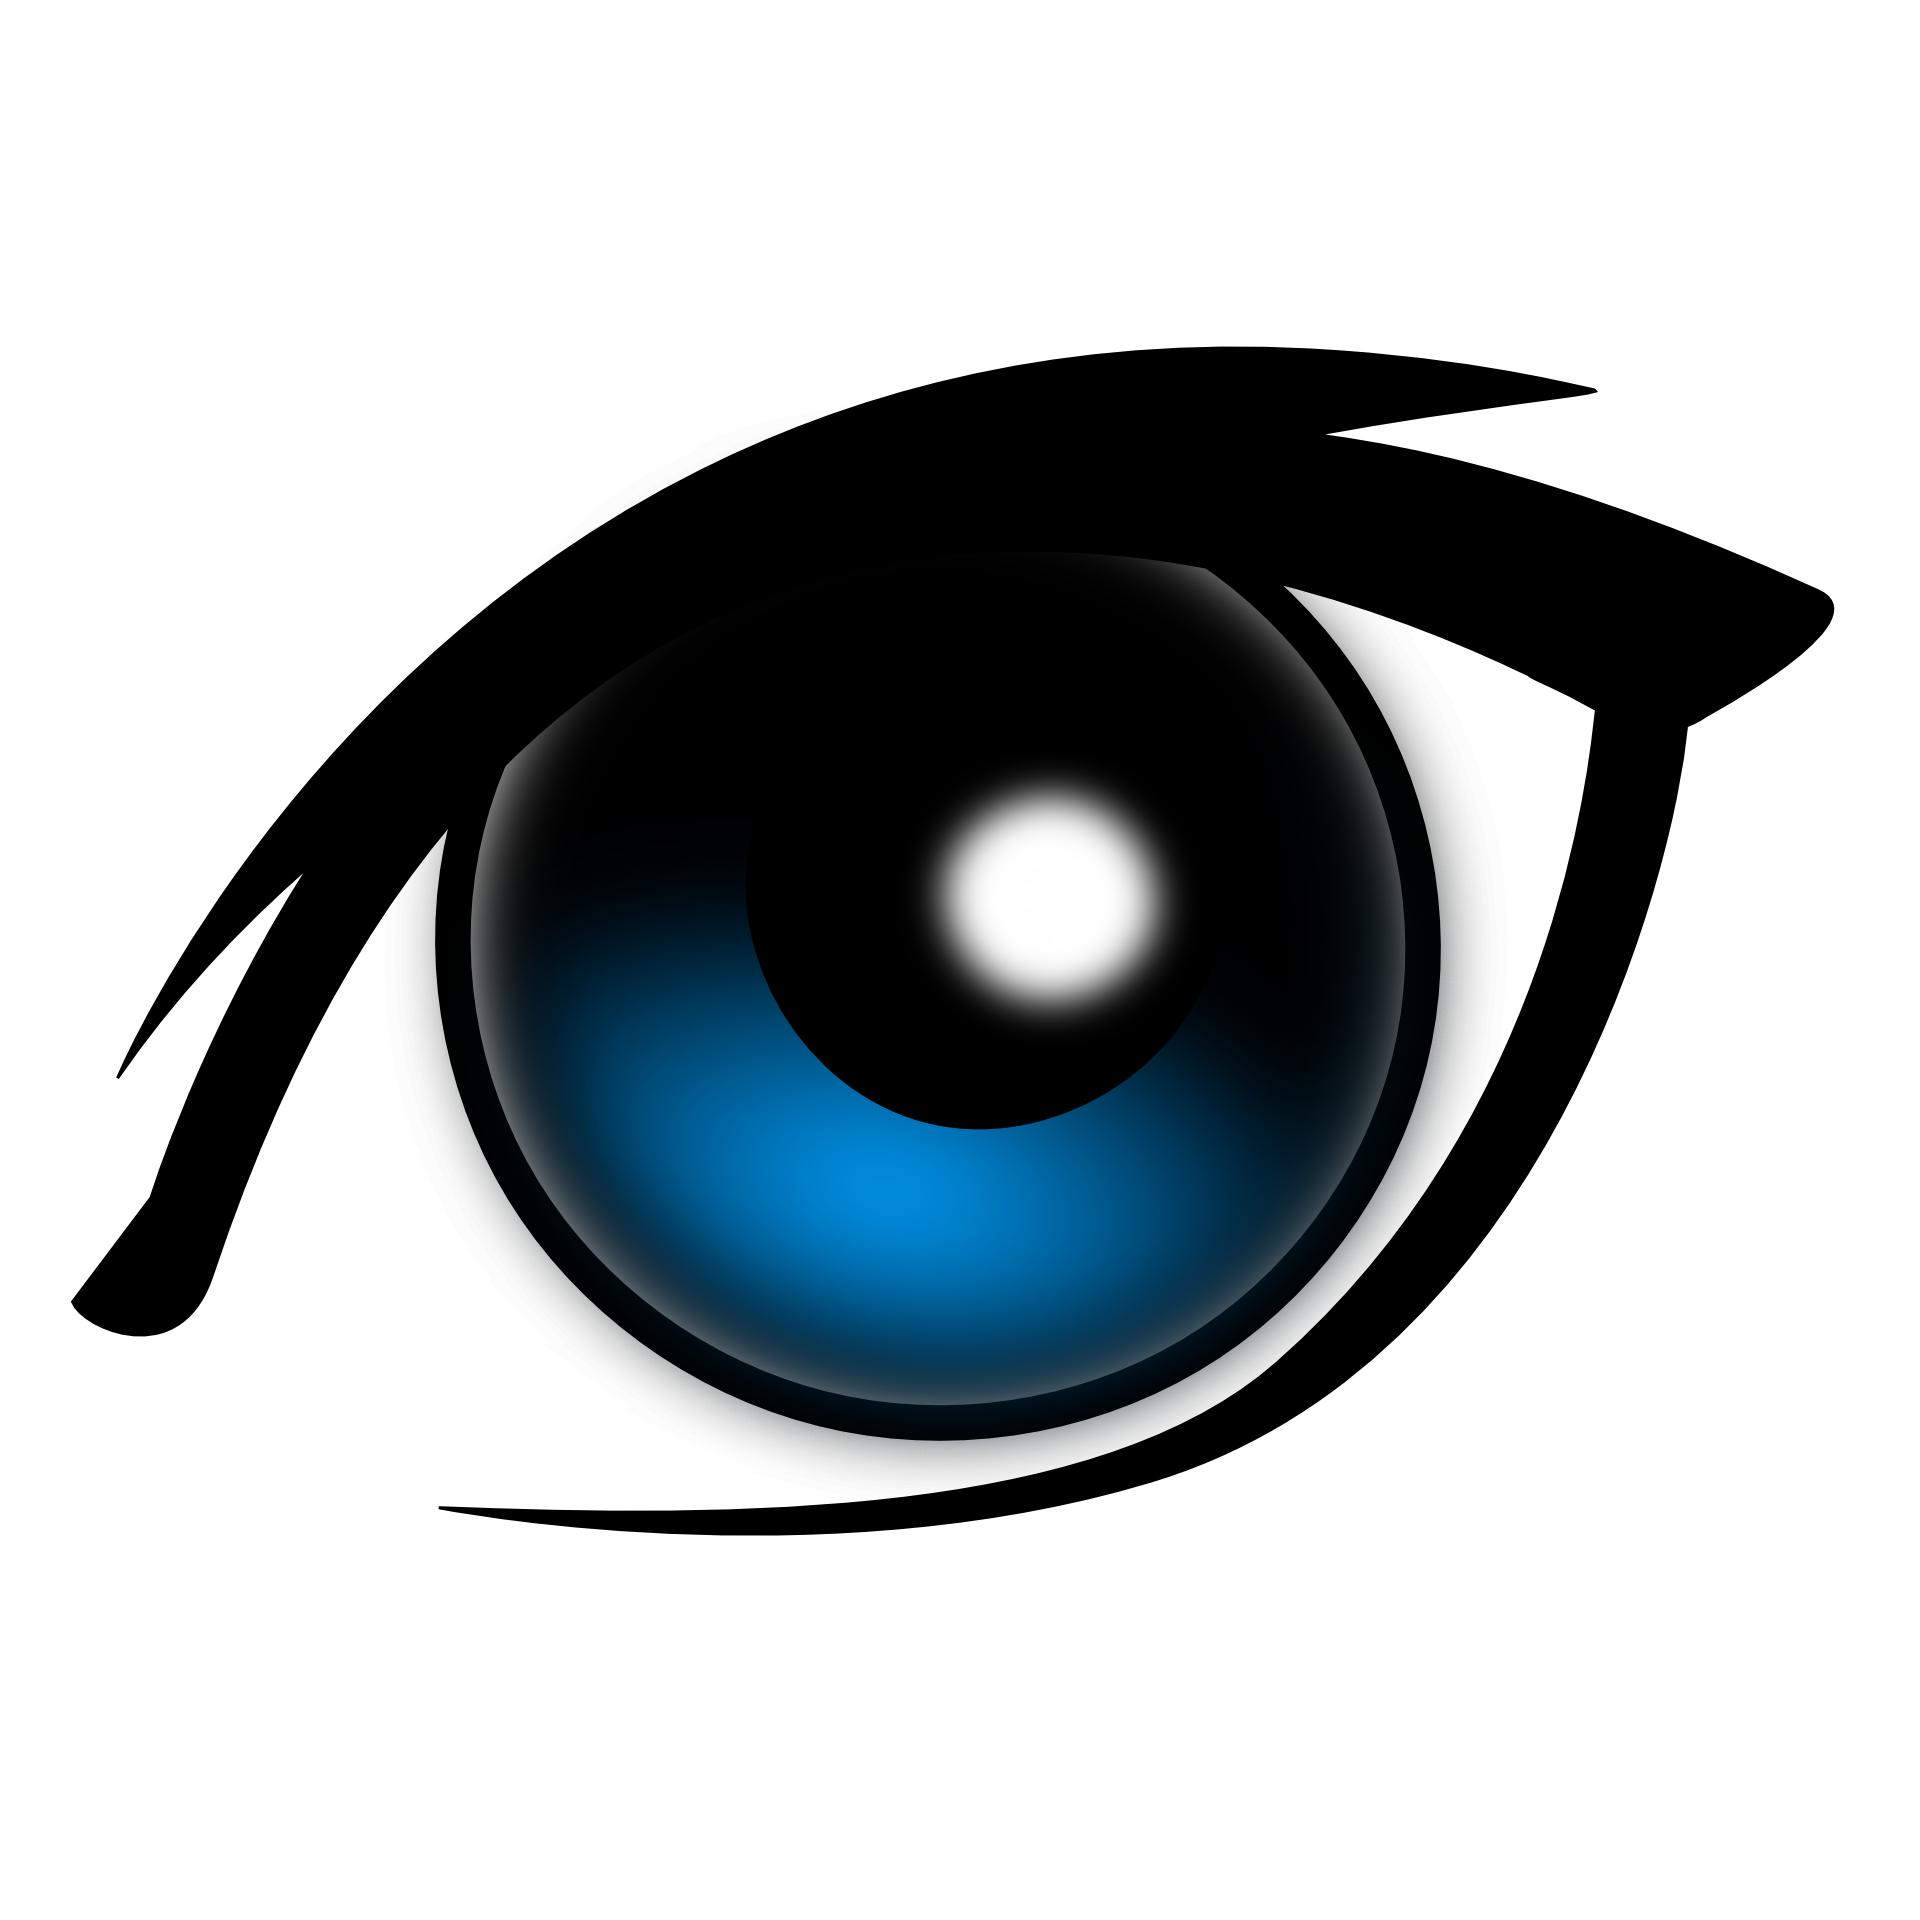 Cartoon eye vector